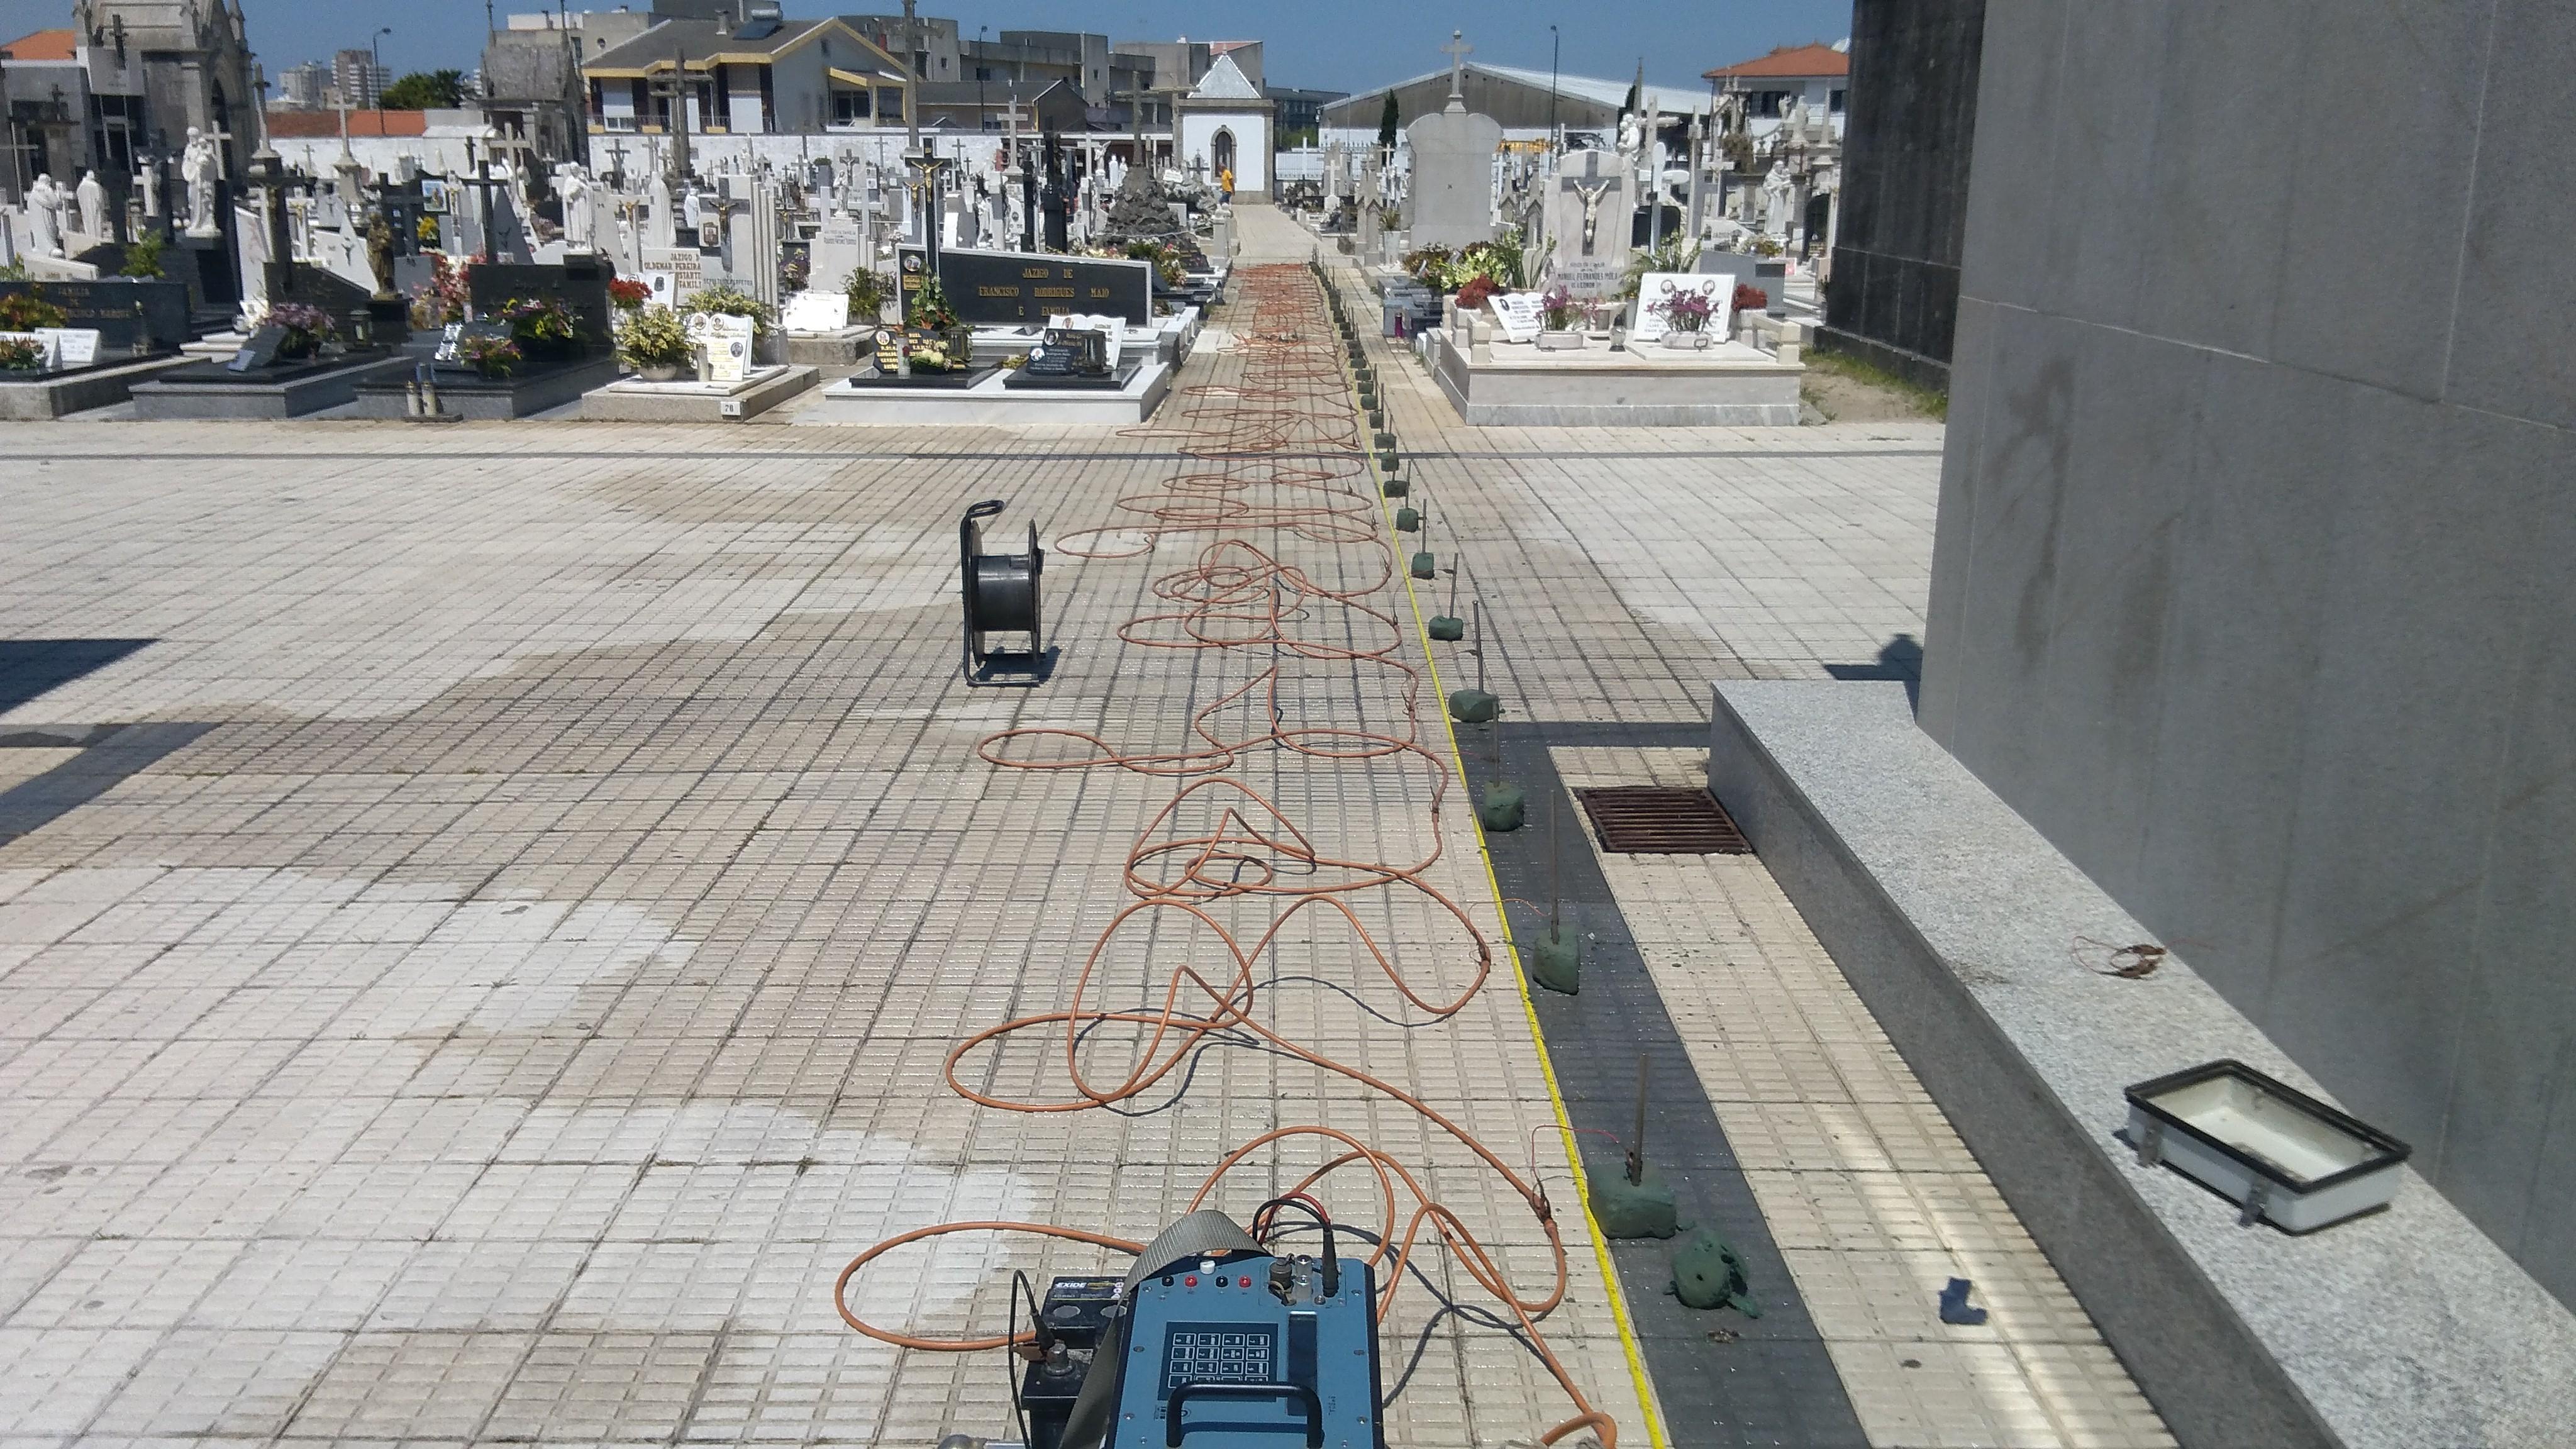 Resistividade eléctrica em cemitério